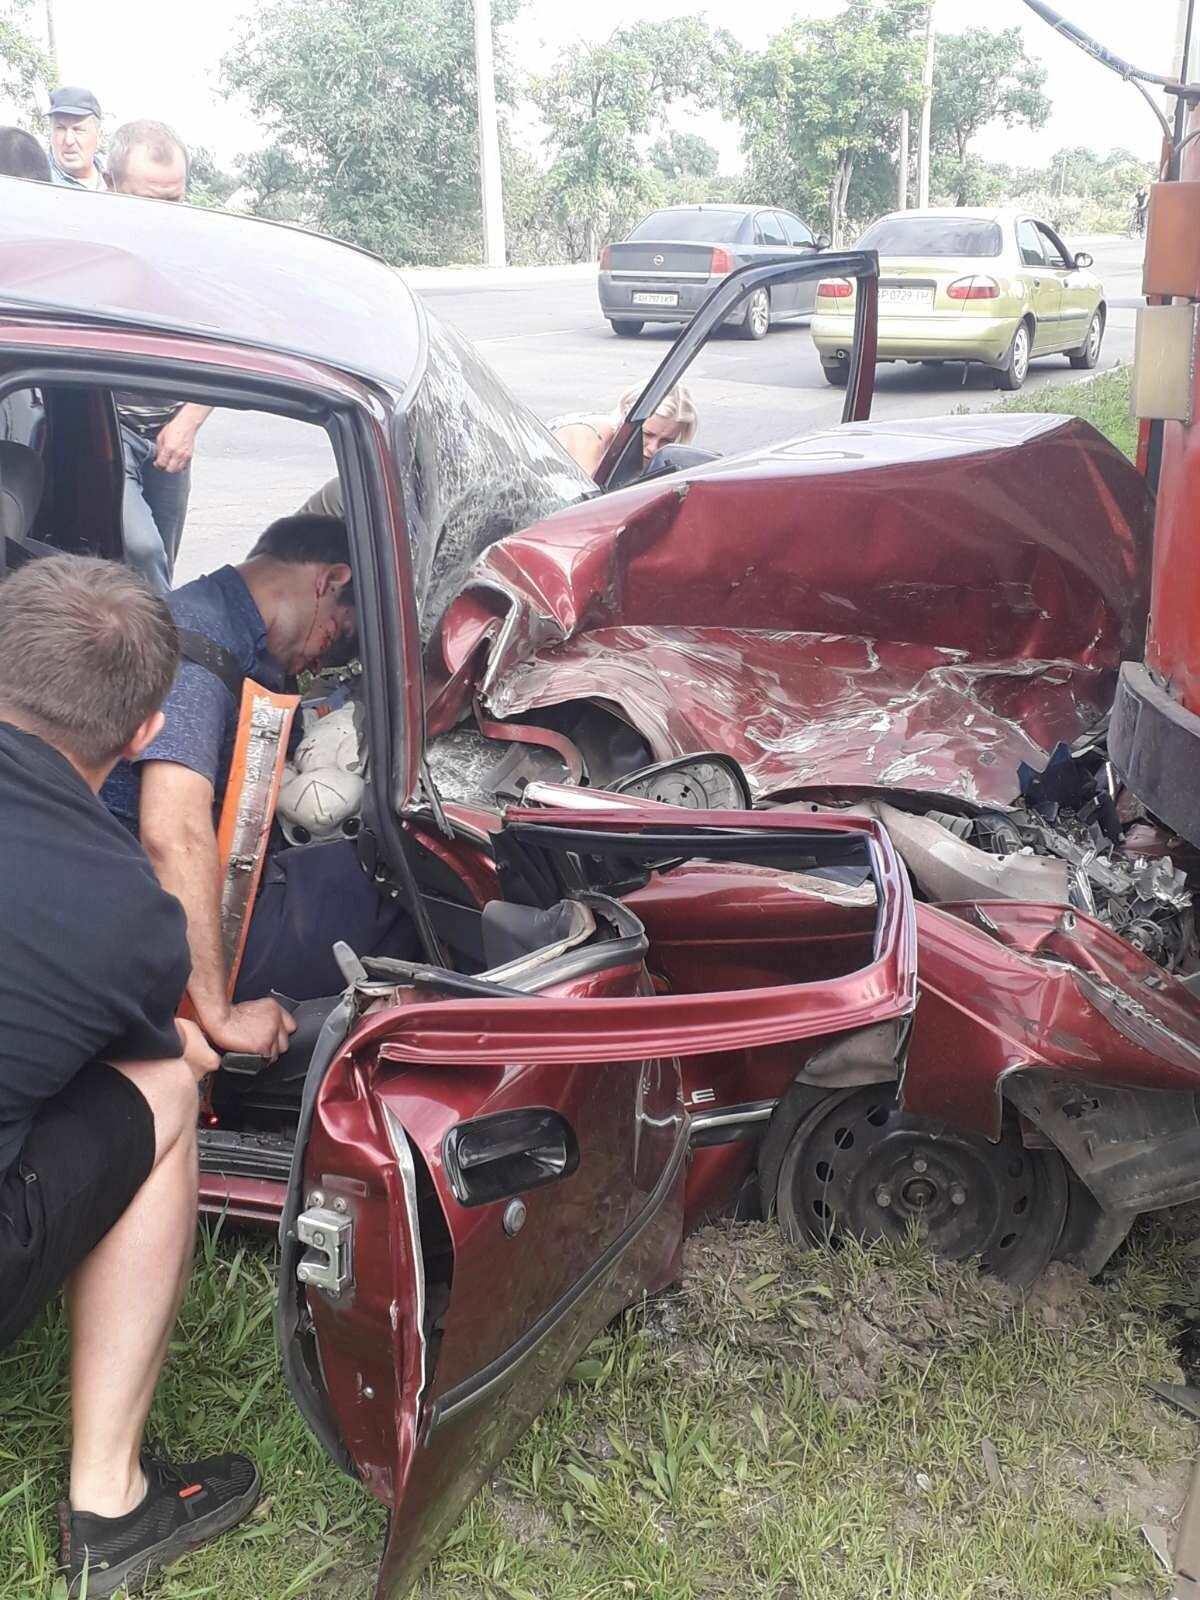 В Мариуполе Daewoo влетел в трамвай. Водитель легковушки серьезно пострадал, - ФОТО, фото-10